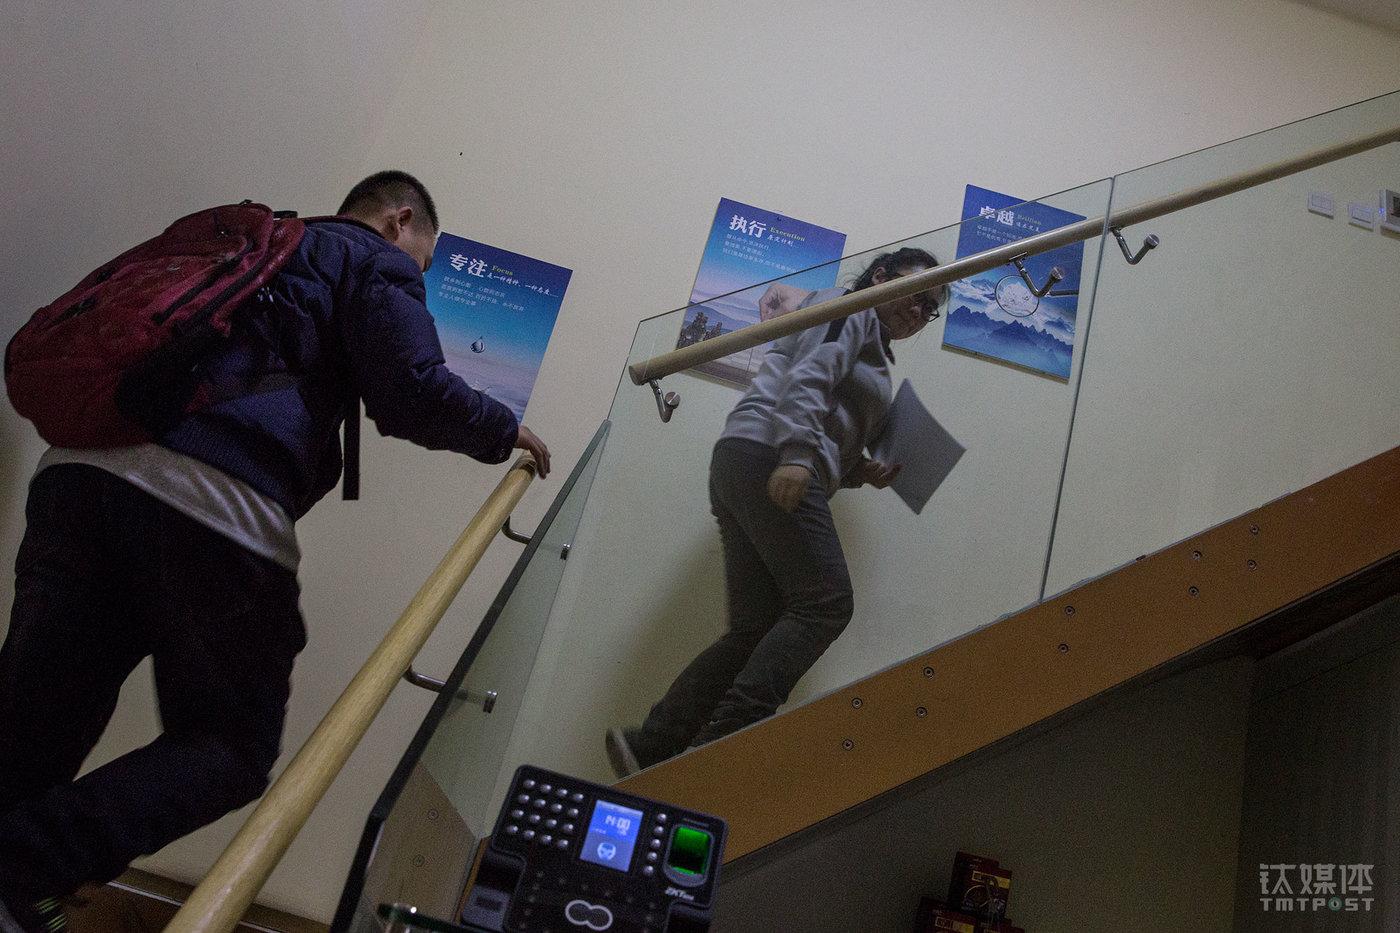 3月中旬,小徐找到了工作,再次回到开发工程师的岗位。由于工作出色,公司提早结束3个月的试用期,为他转了正。